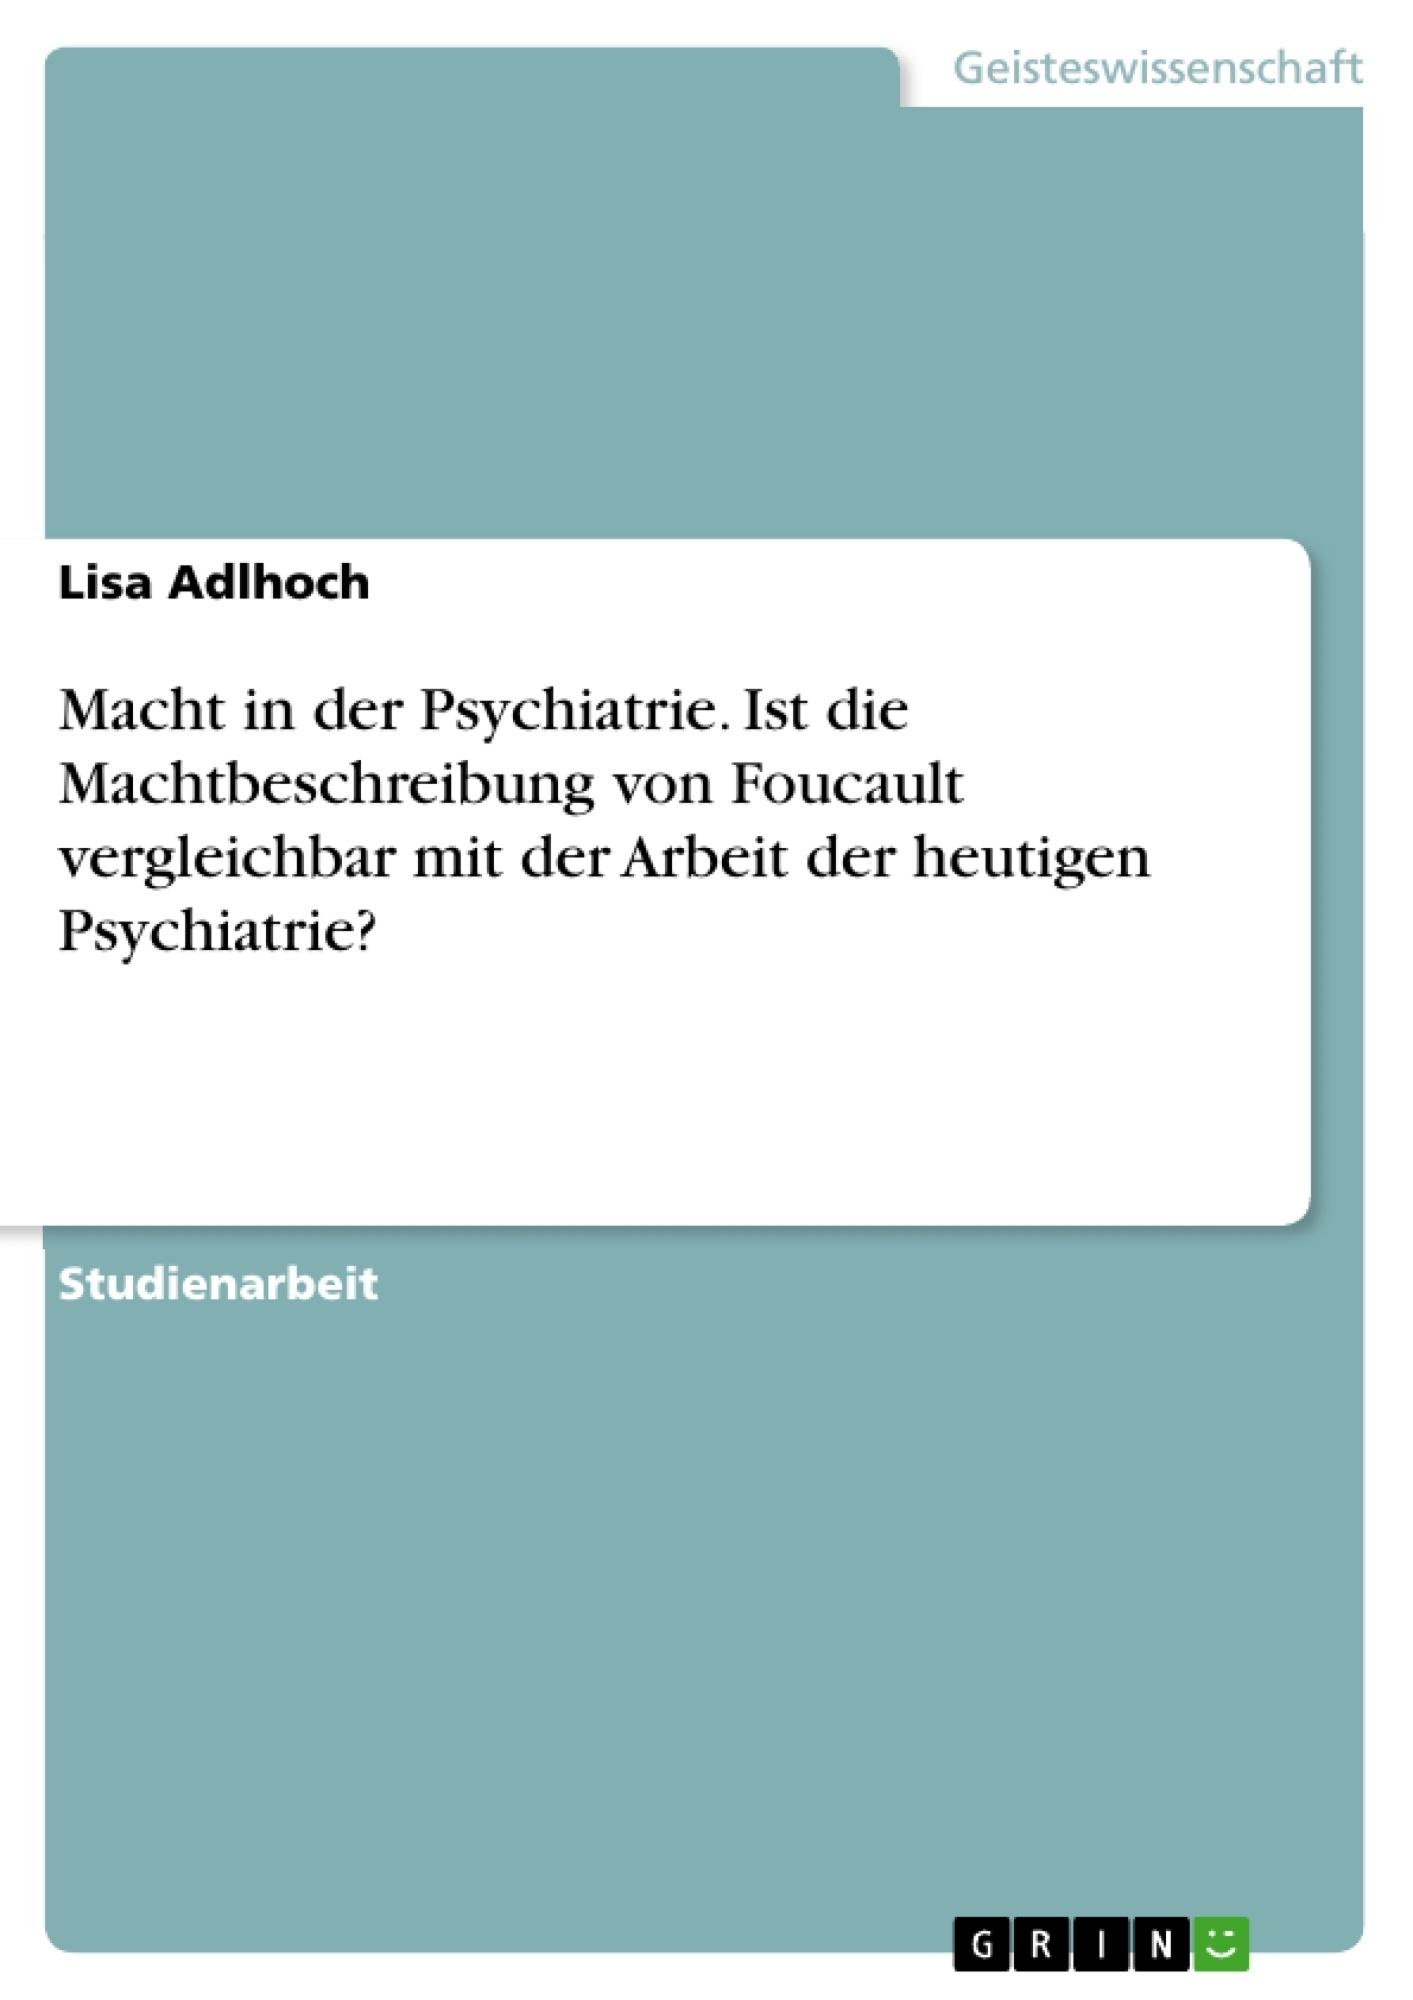 Titel: Macht in der Psychiatrie. Ist die Machtbeschreibung von Foucault vergleichbar mit der Arbeit der heutigen Psychiatrie?